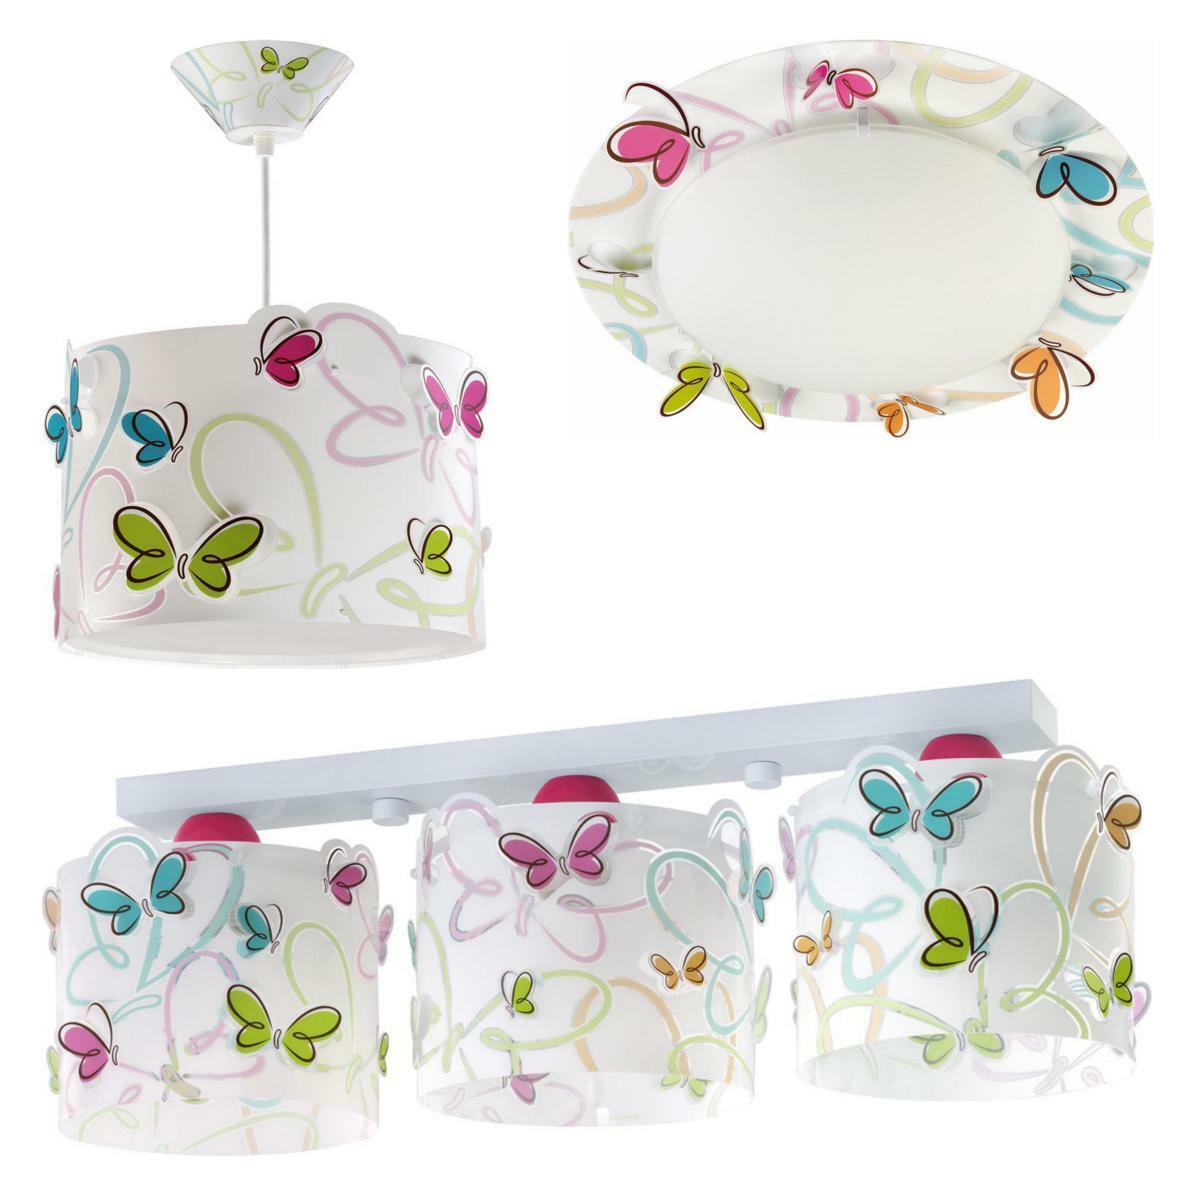 LED Schmetterling Jugendzimmerlampe Kinderzimmerlampe Kinderzimmer Leuchte Lampe | Realistisch